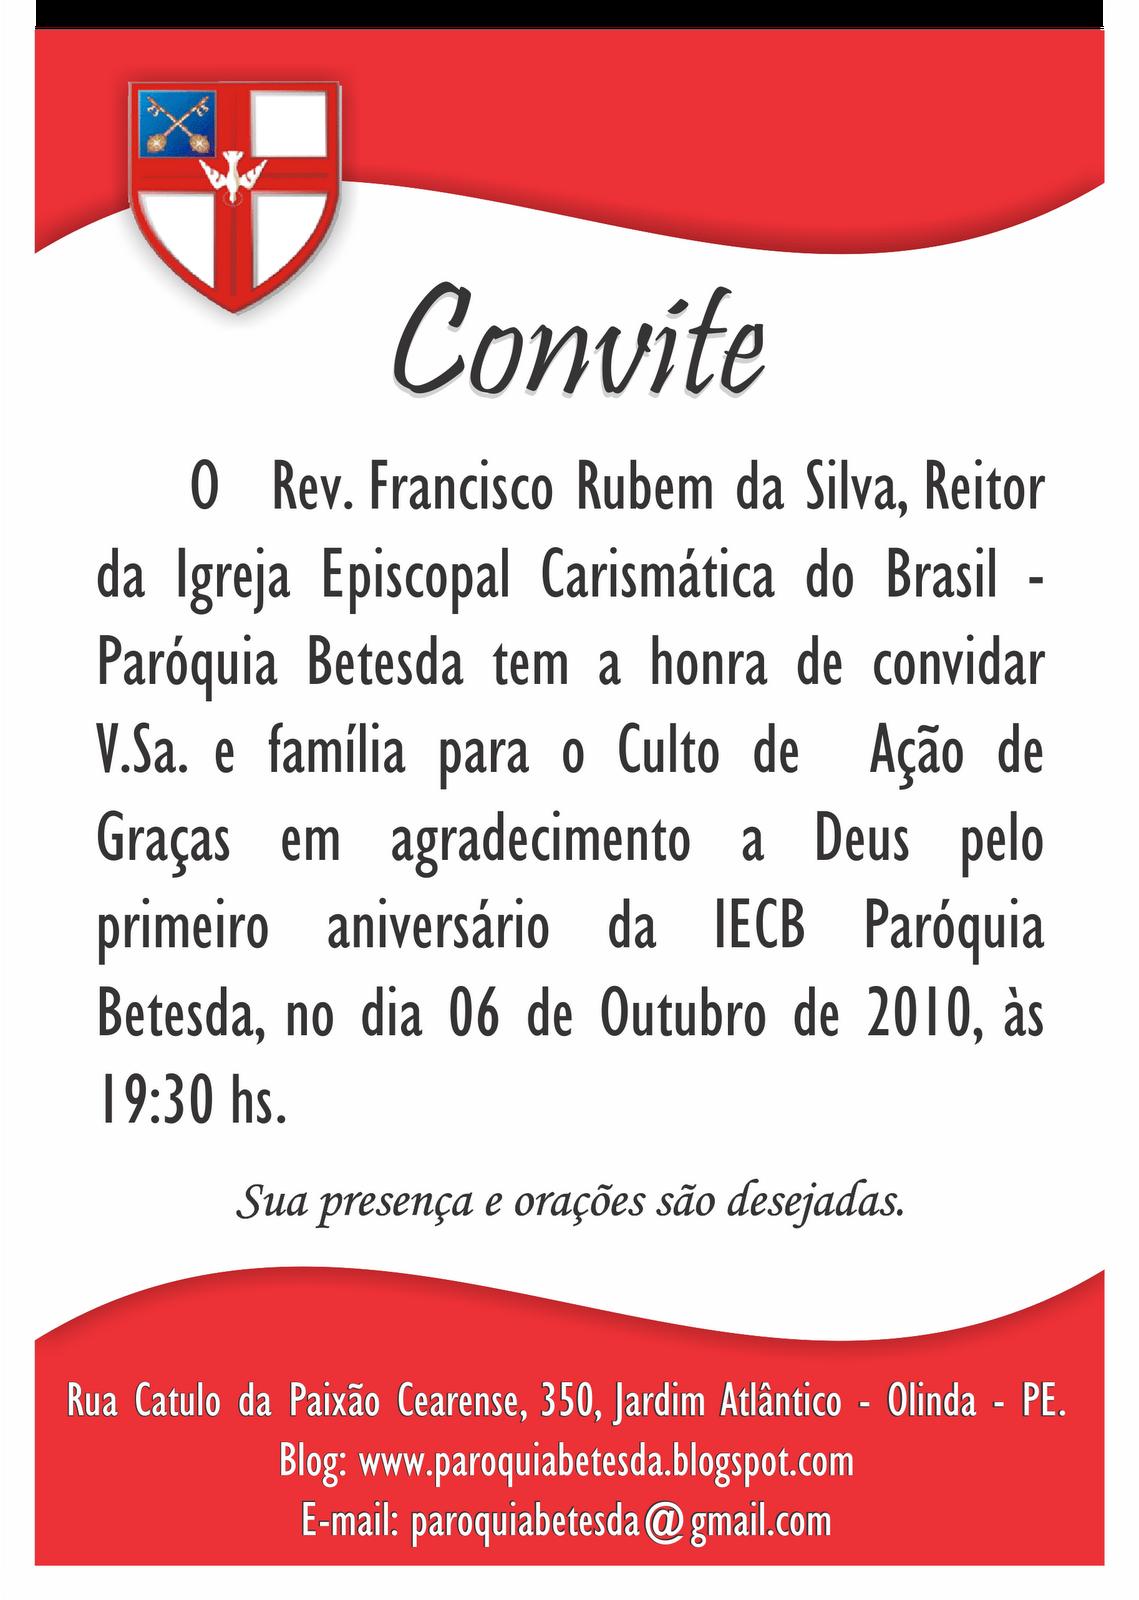 CONVITE - 1º ANIVERSÁRIO DA PARÓQUIA BETESDA - IEC DO BRASIL